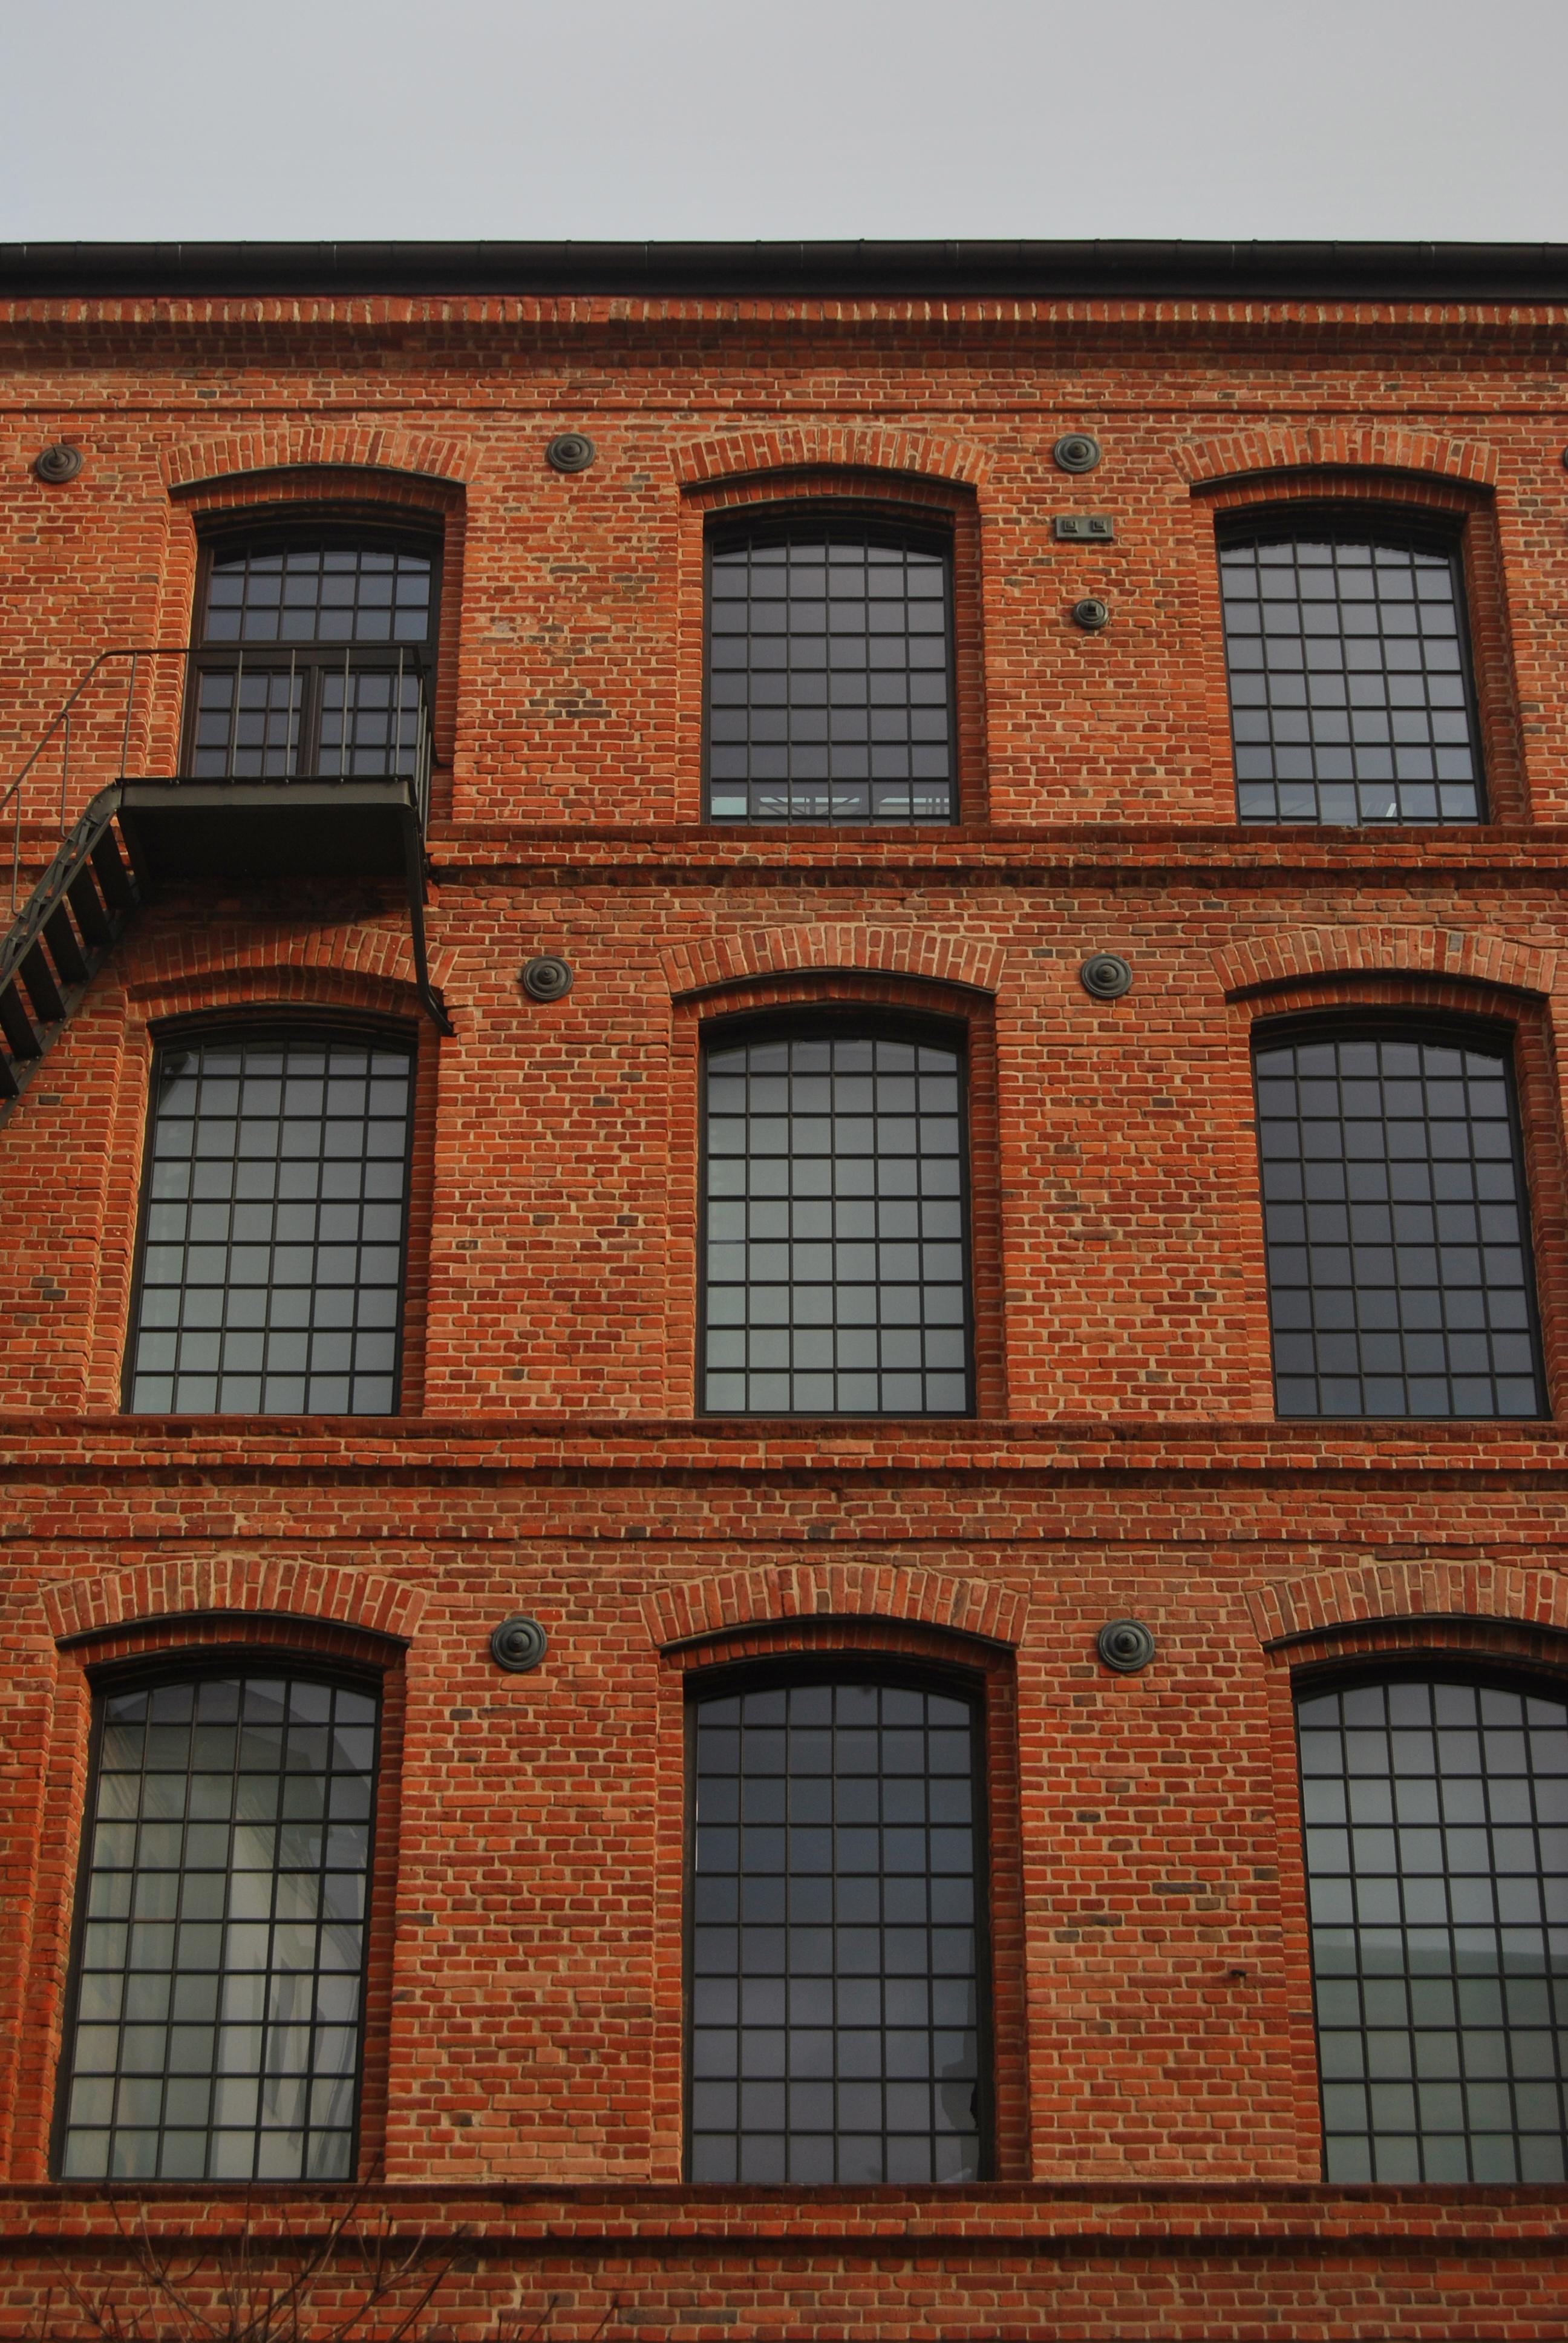 Fábrica que ahora alberga el Museo Central de Industrial Textil | Sabela Porto